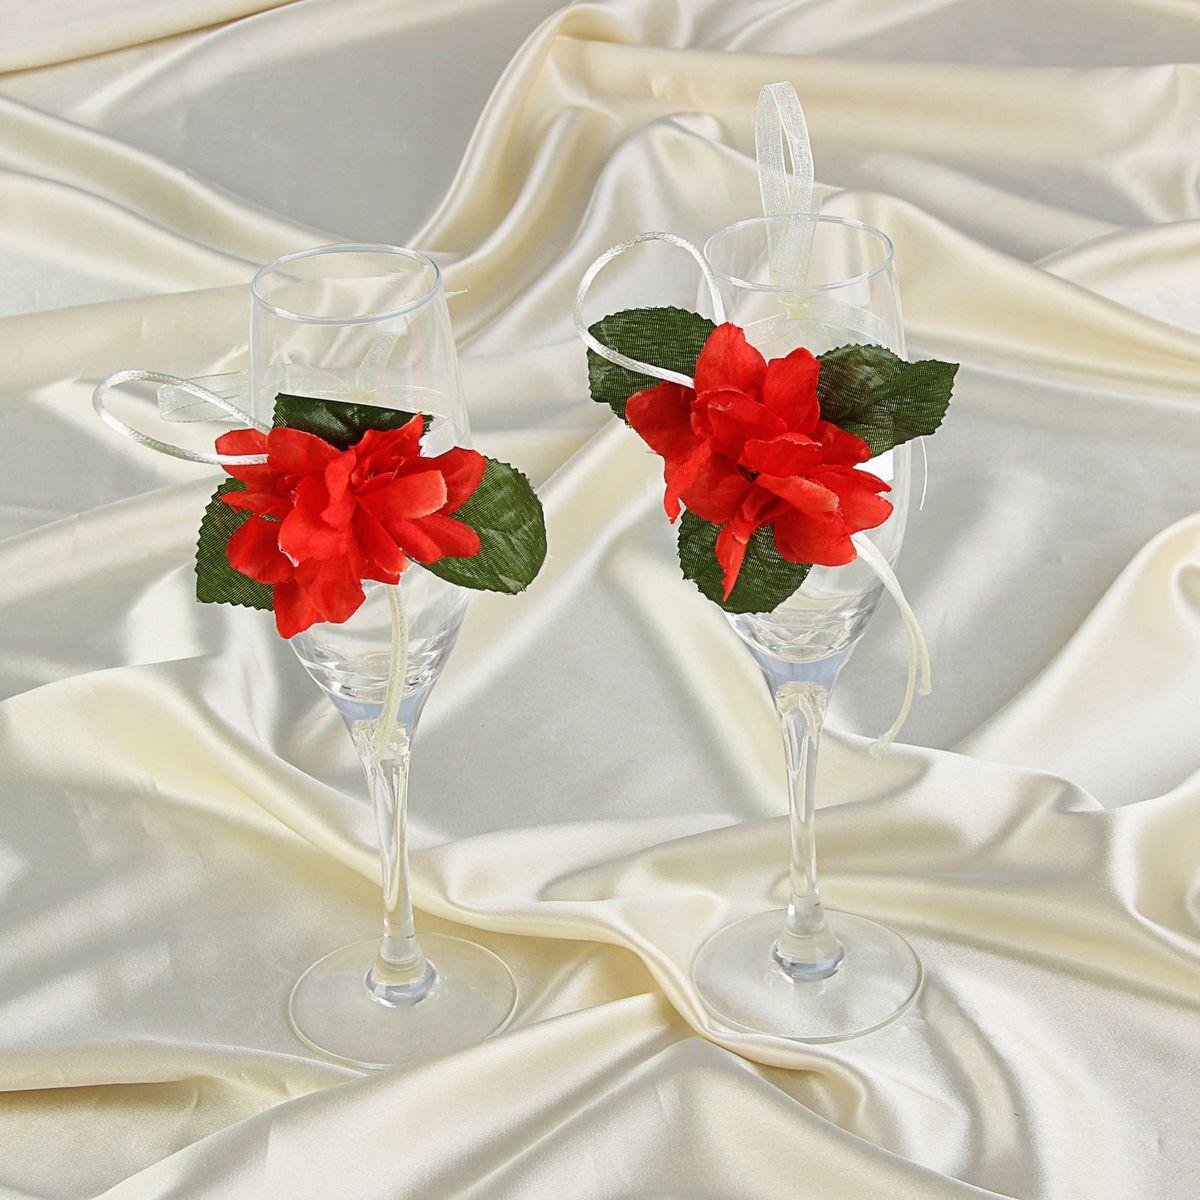 Sima-land Декор на бокалы Bokal-18, цвет: красный, 2 шт775587Декор на бокалы, набор 2 шт, - то, без чего не проходит ни одна церемония бракосочетания. Изысканный и утонченный аксессуар будет выигрышно смотреться в зале регистрации и за банкетным столом. Этот символ можно сохранить и на последующие годовщины свадьбы, украсив им бокал шампанского и вспоминая счастливый день.